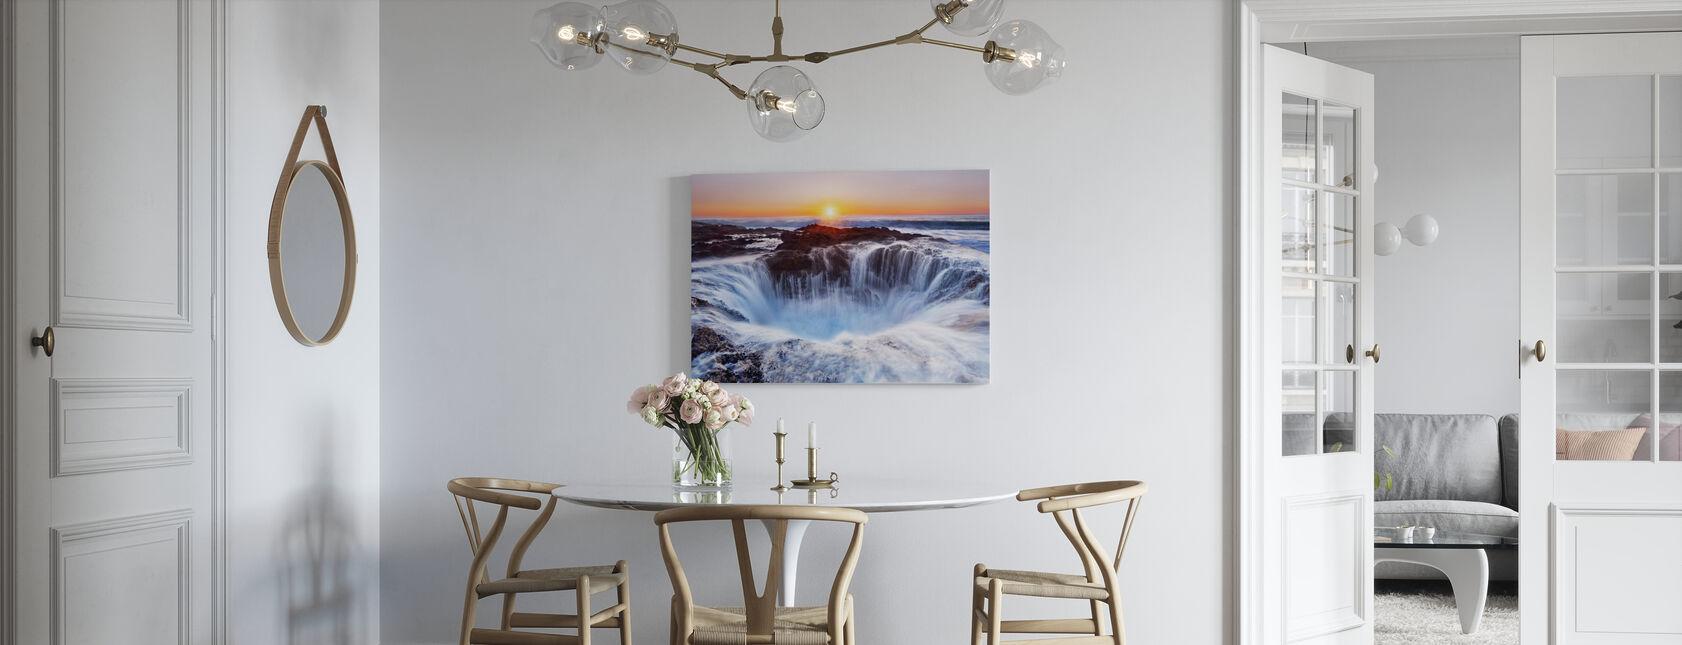 Oregon vandfald - Billede på lærred - Køkken